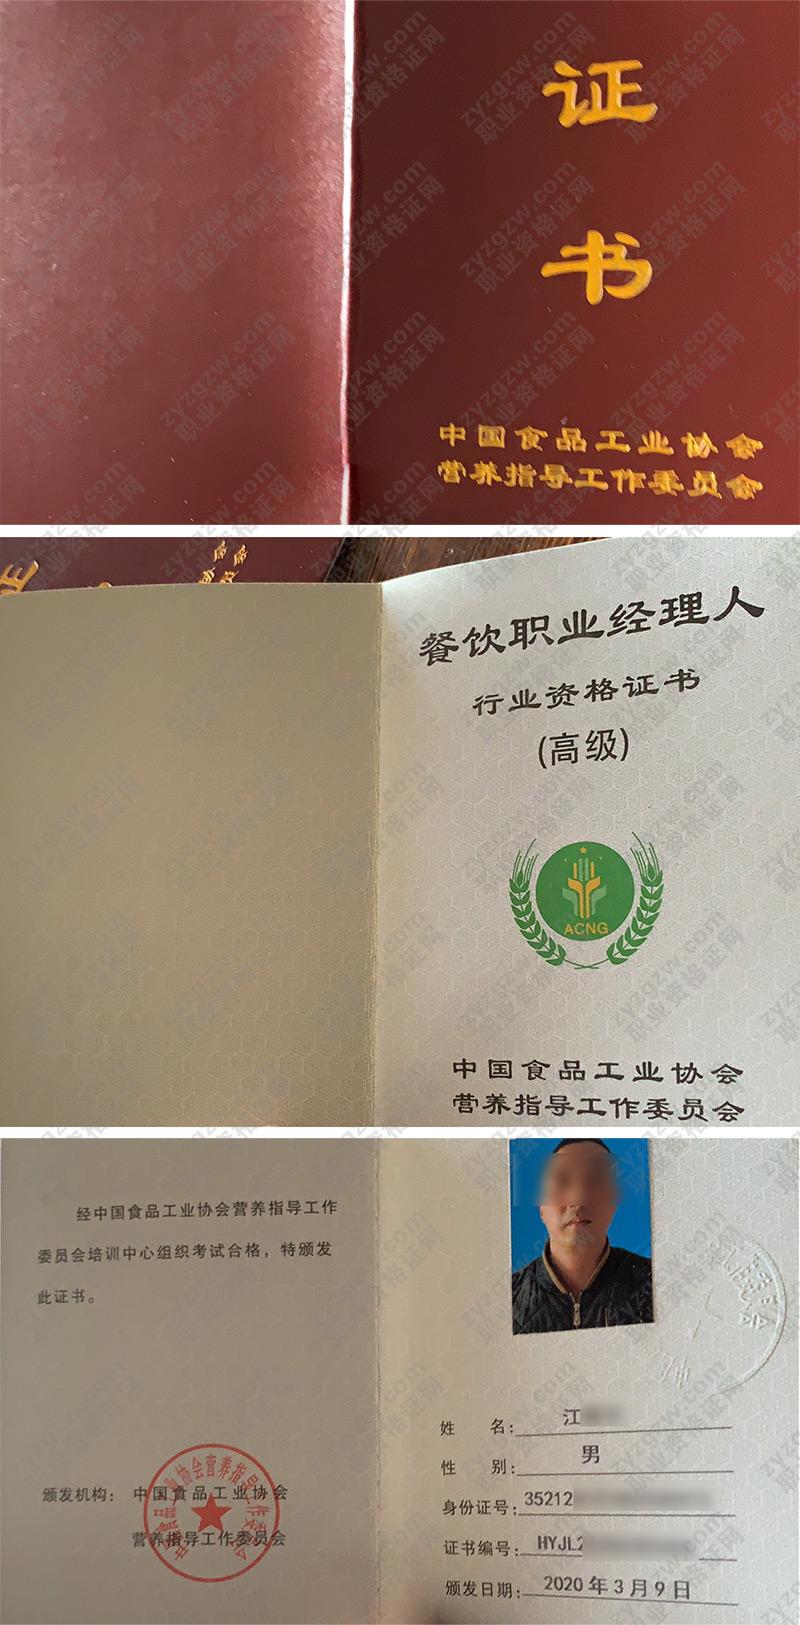 中国食品工业协会 行业资格证书 餐饮服务经理人证证书样本